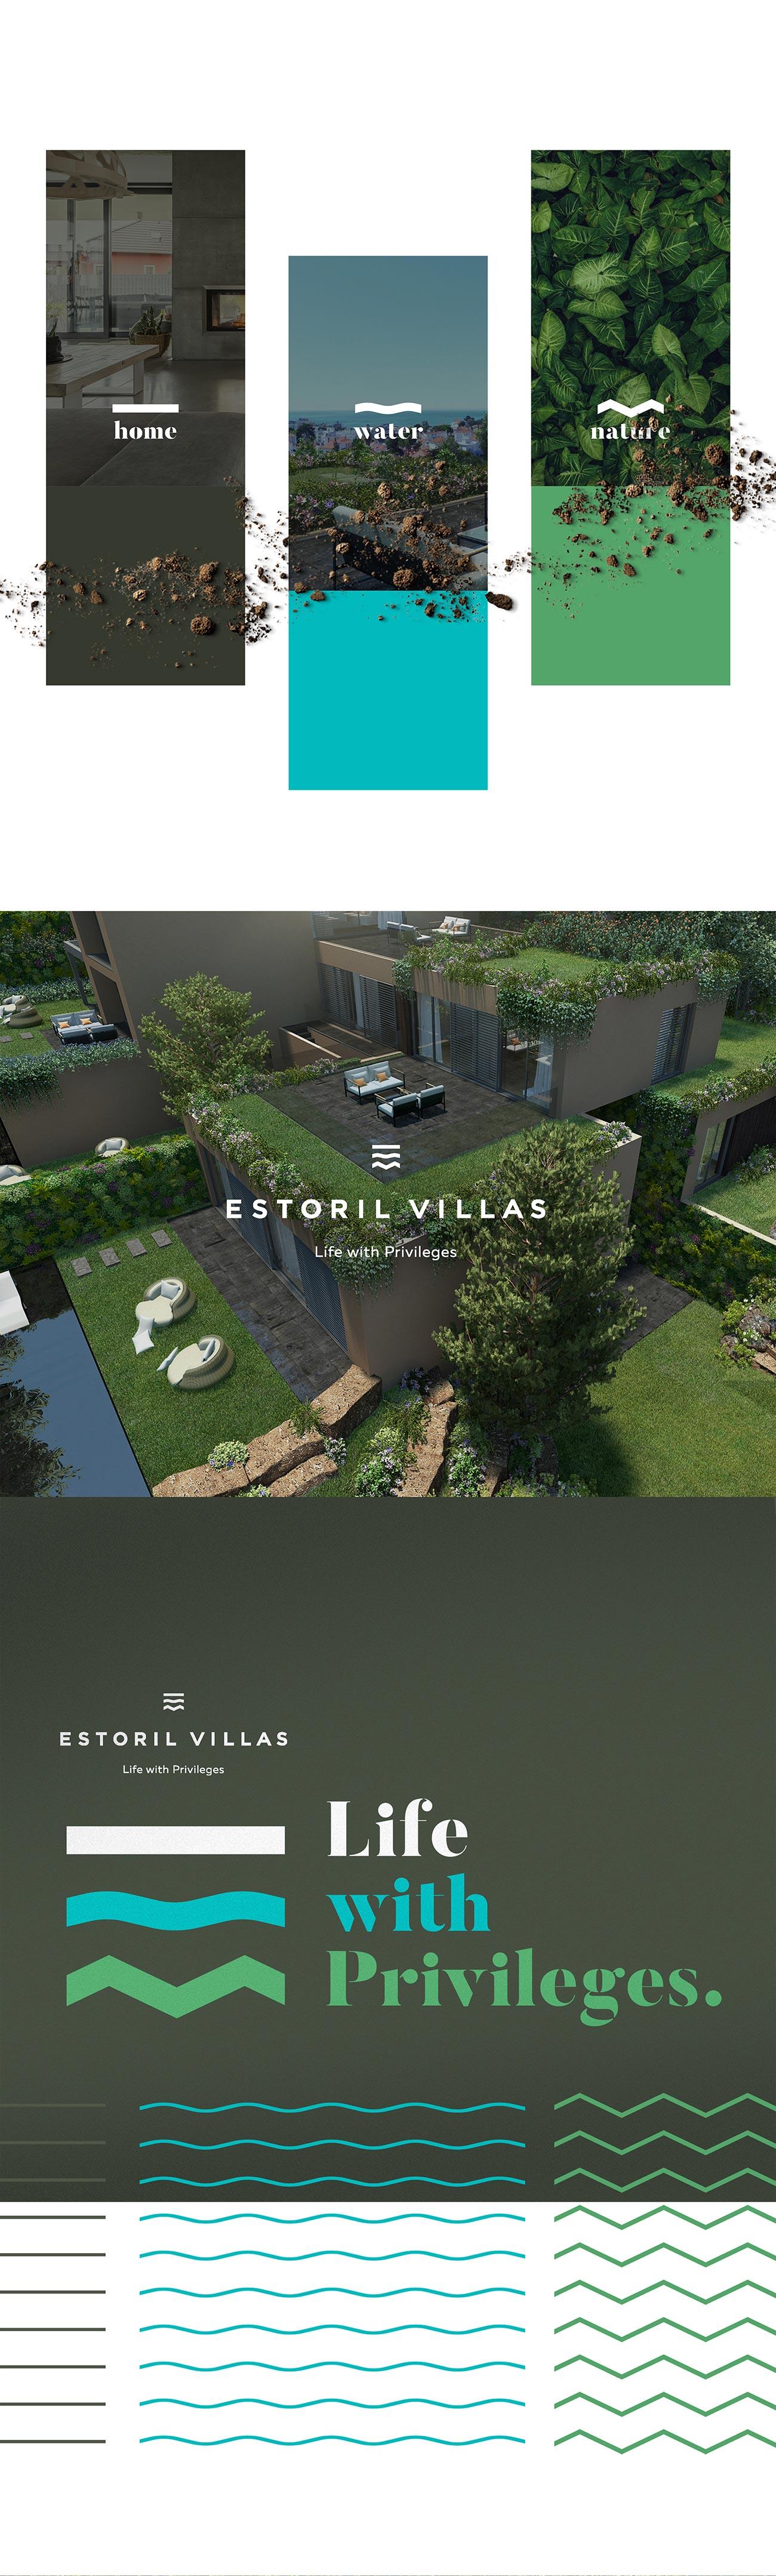 estoril_villas_body_1